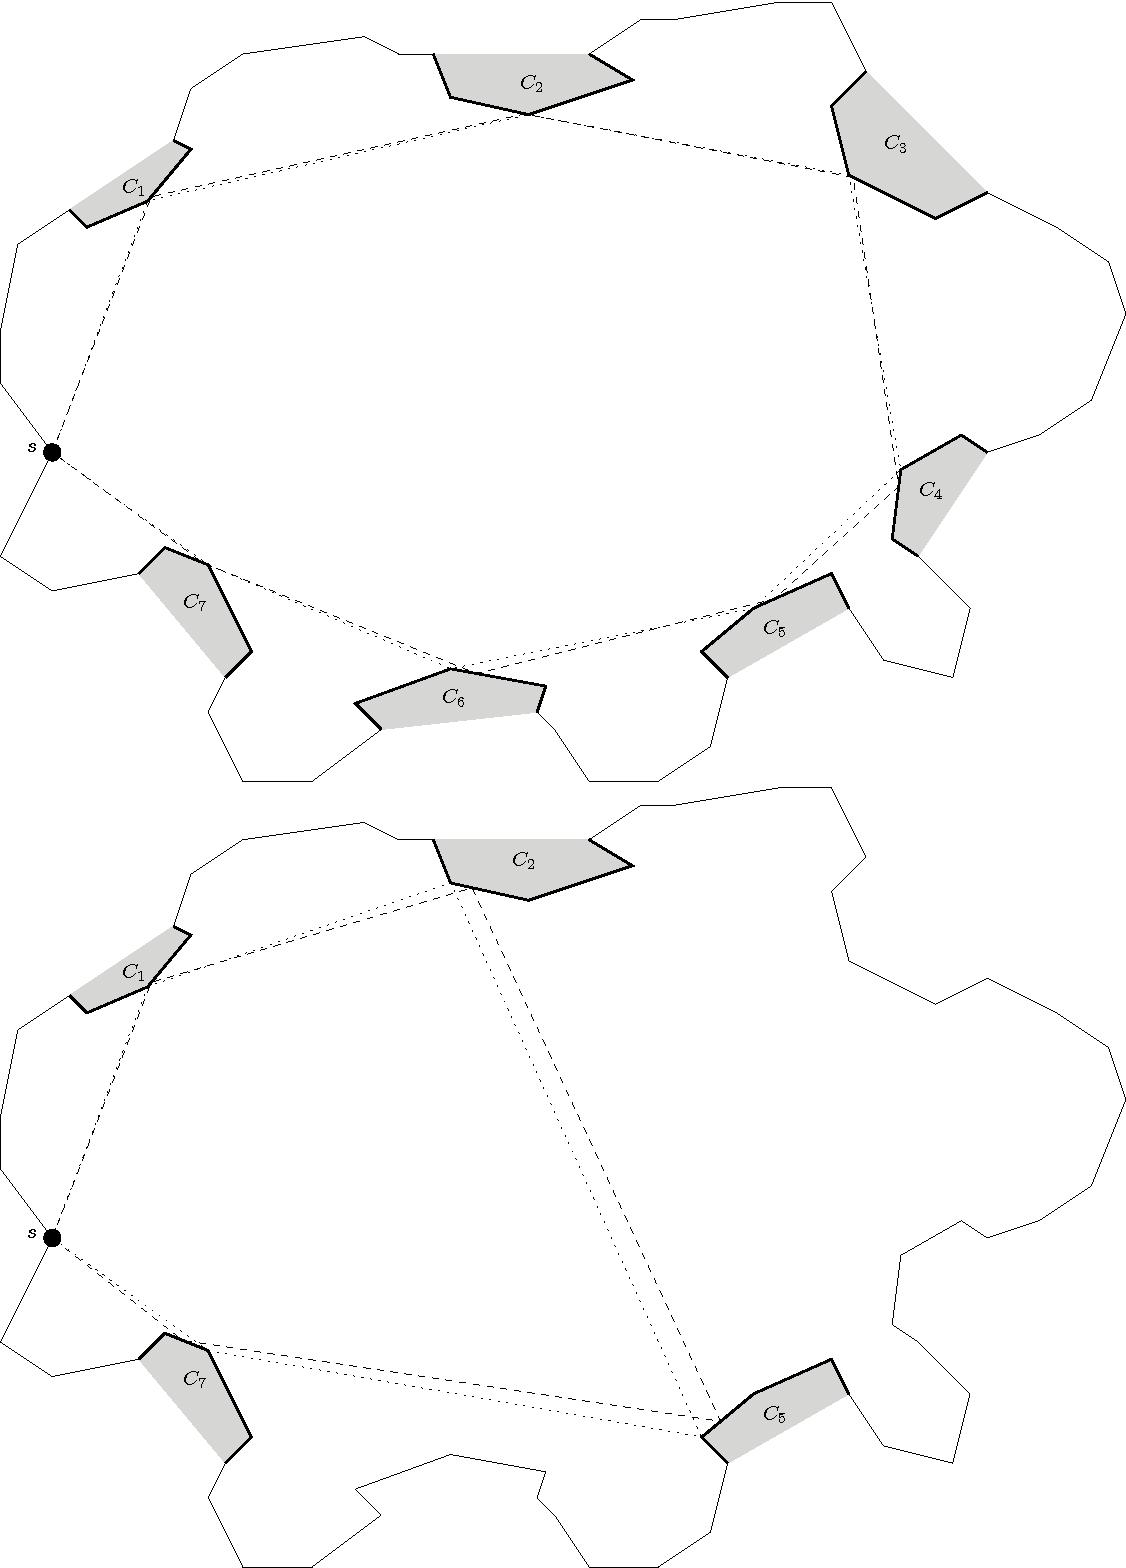 Figure 12: Zoo 3